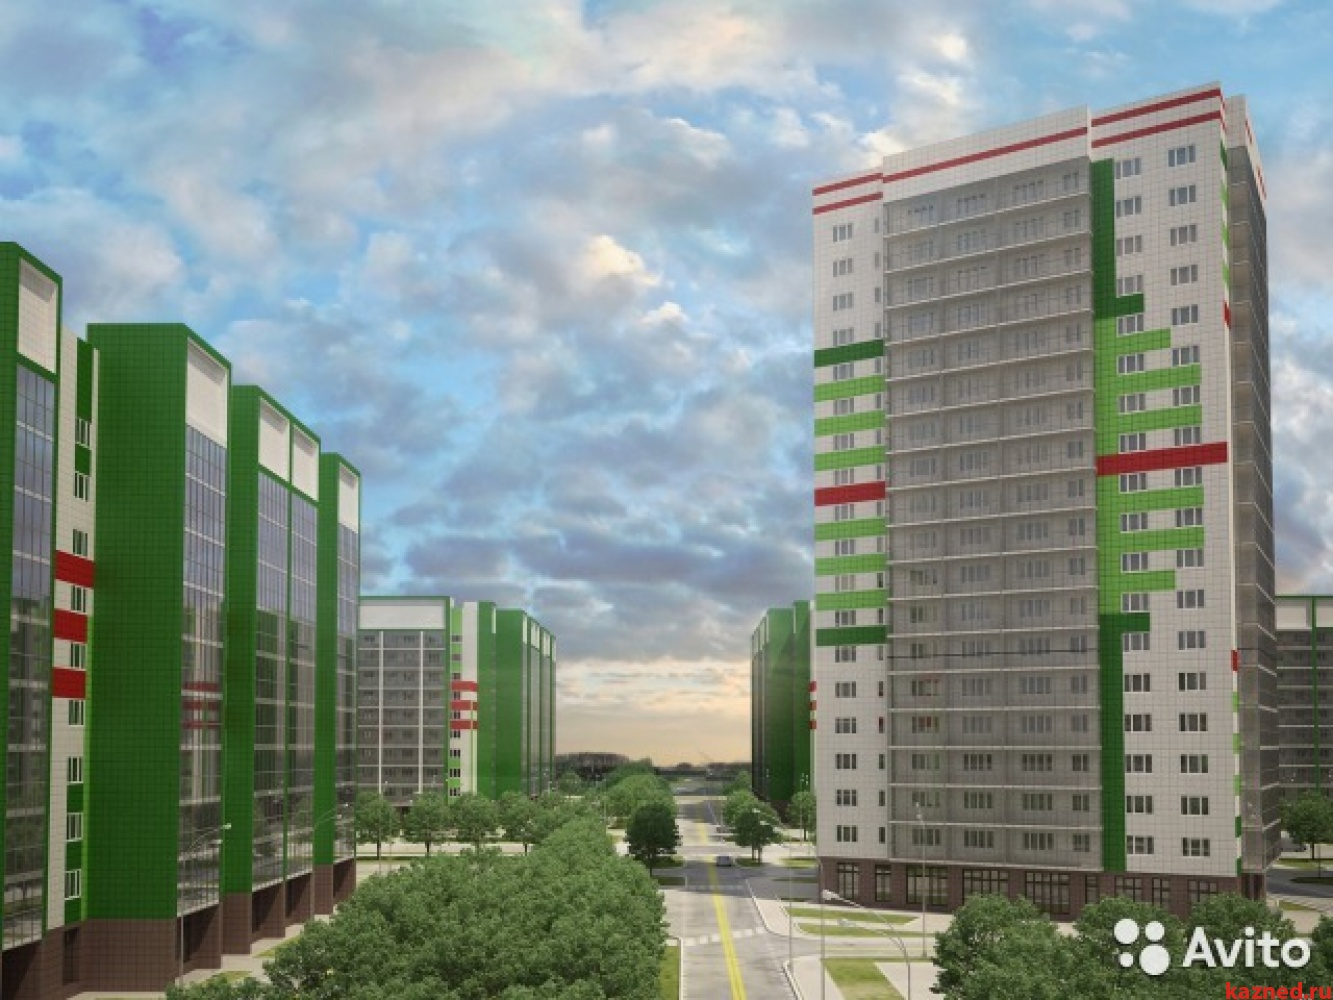 Продажа 1-к квартиры мамадышский тракт дом 5, ЖК ВЕСНА, 35 м2  (миниатюра №1)